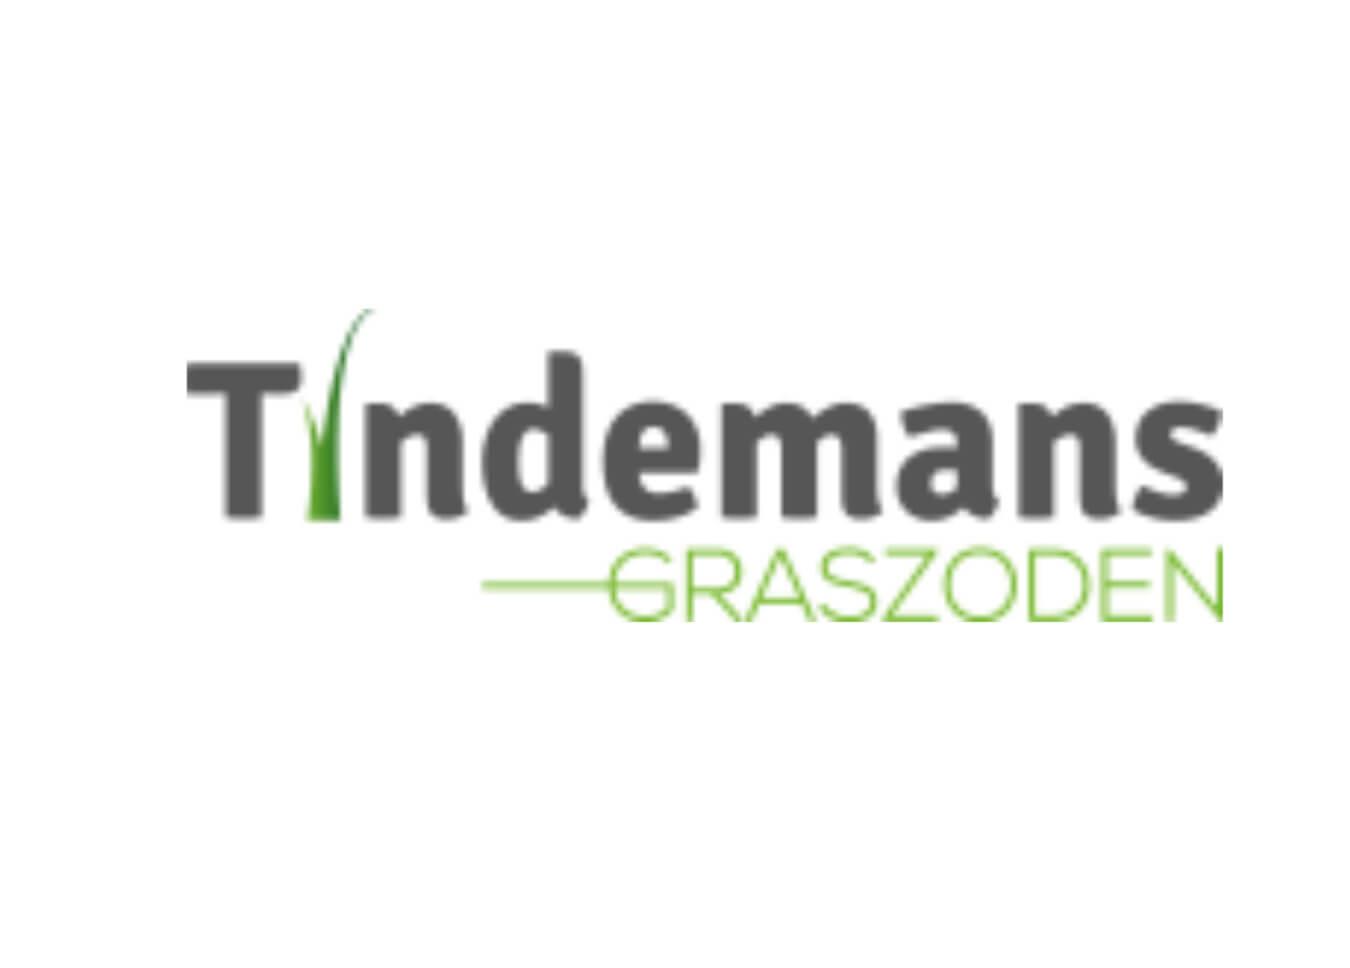 Tindemans Graszoden